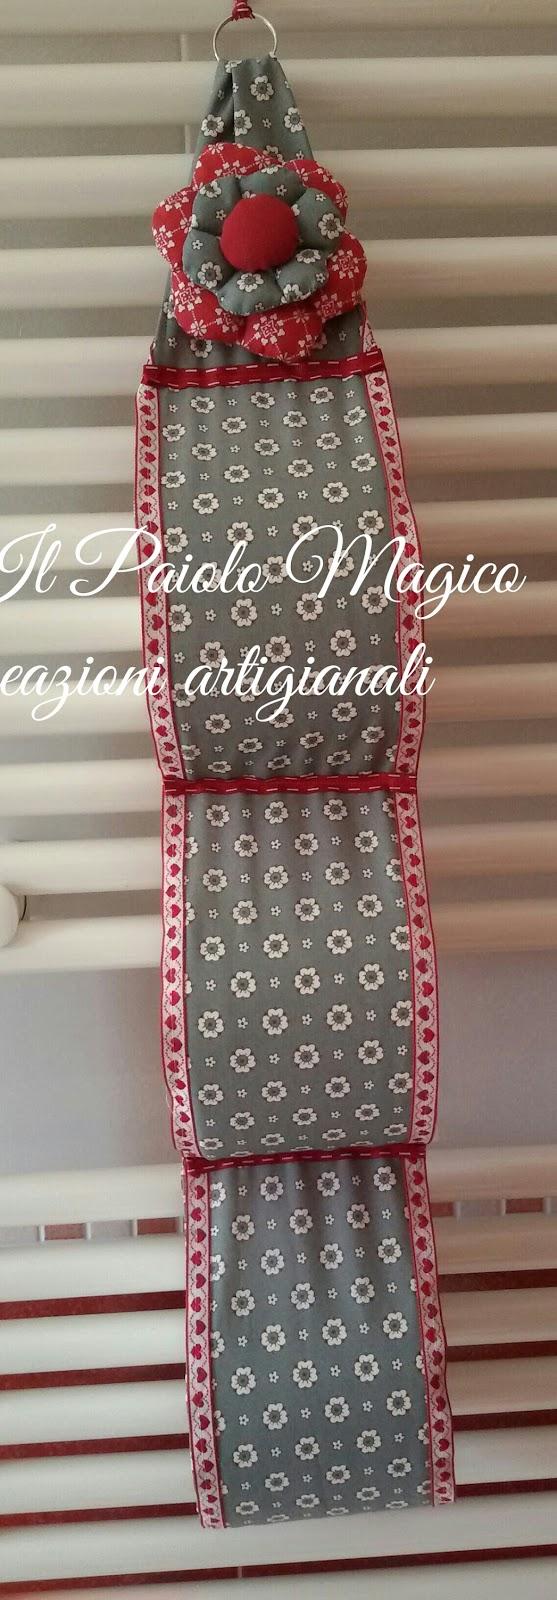 Il paiolo magico porta rotoli carta igienica tutorial - Dove mettere il porta carta igienica ...